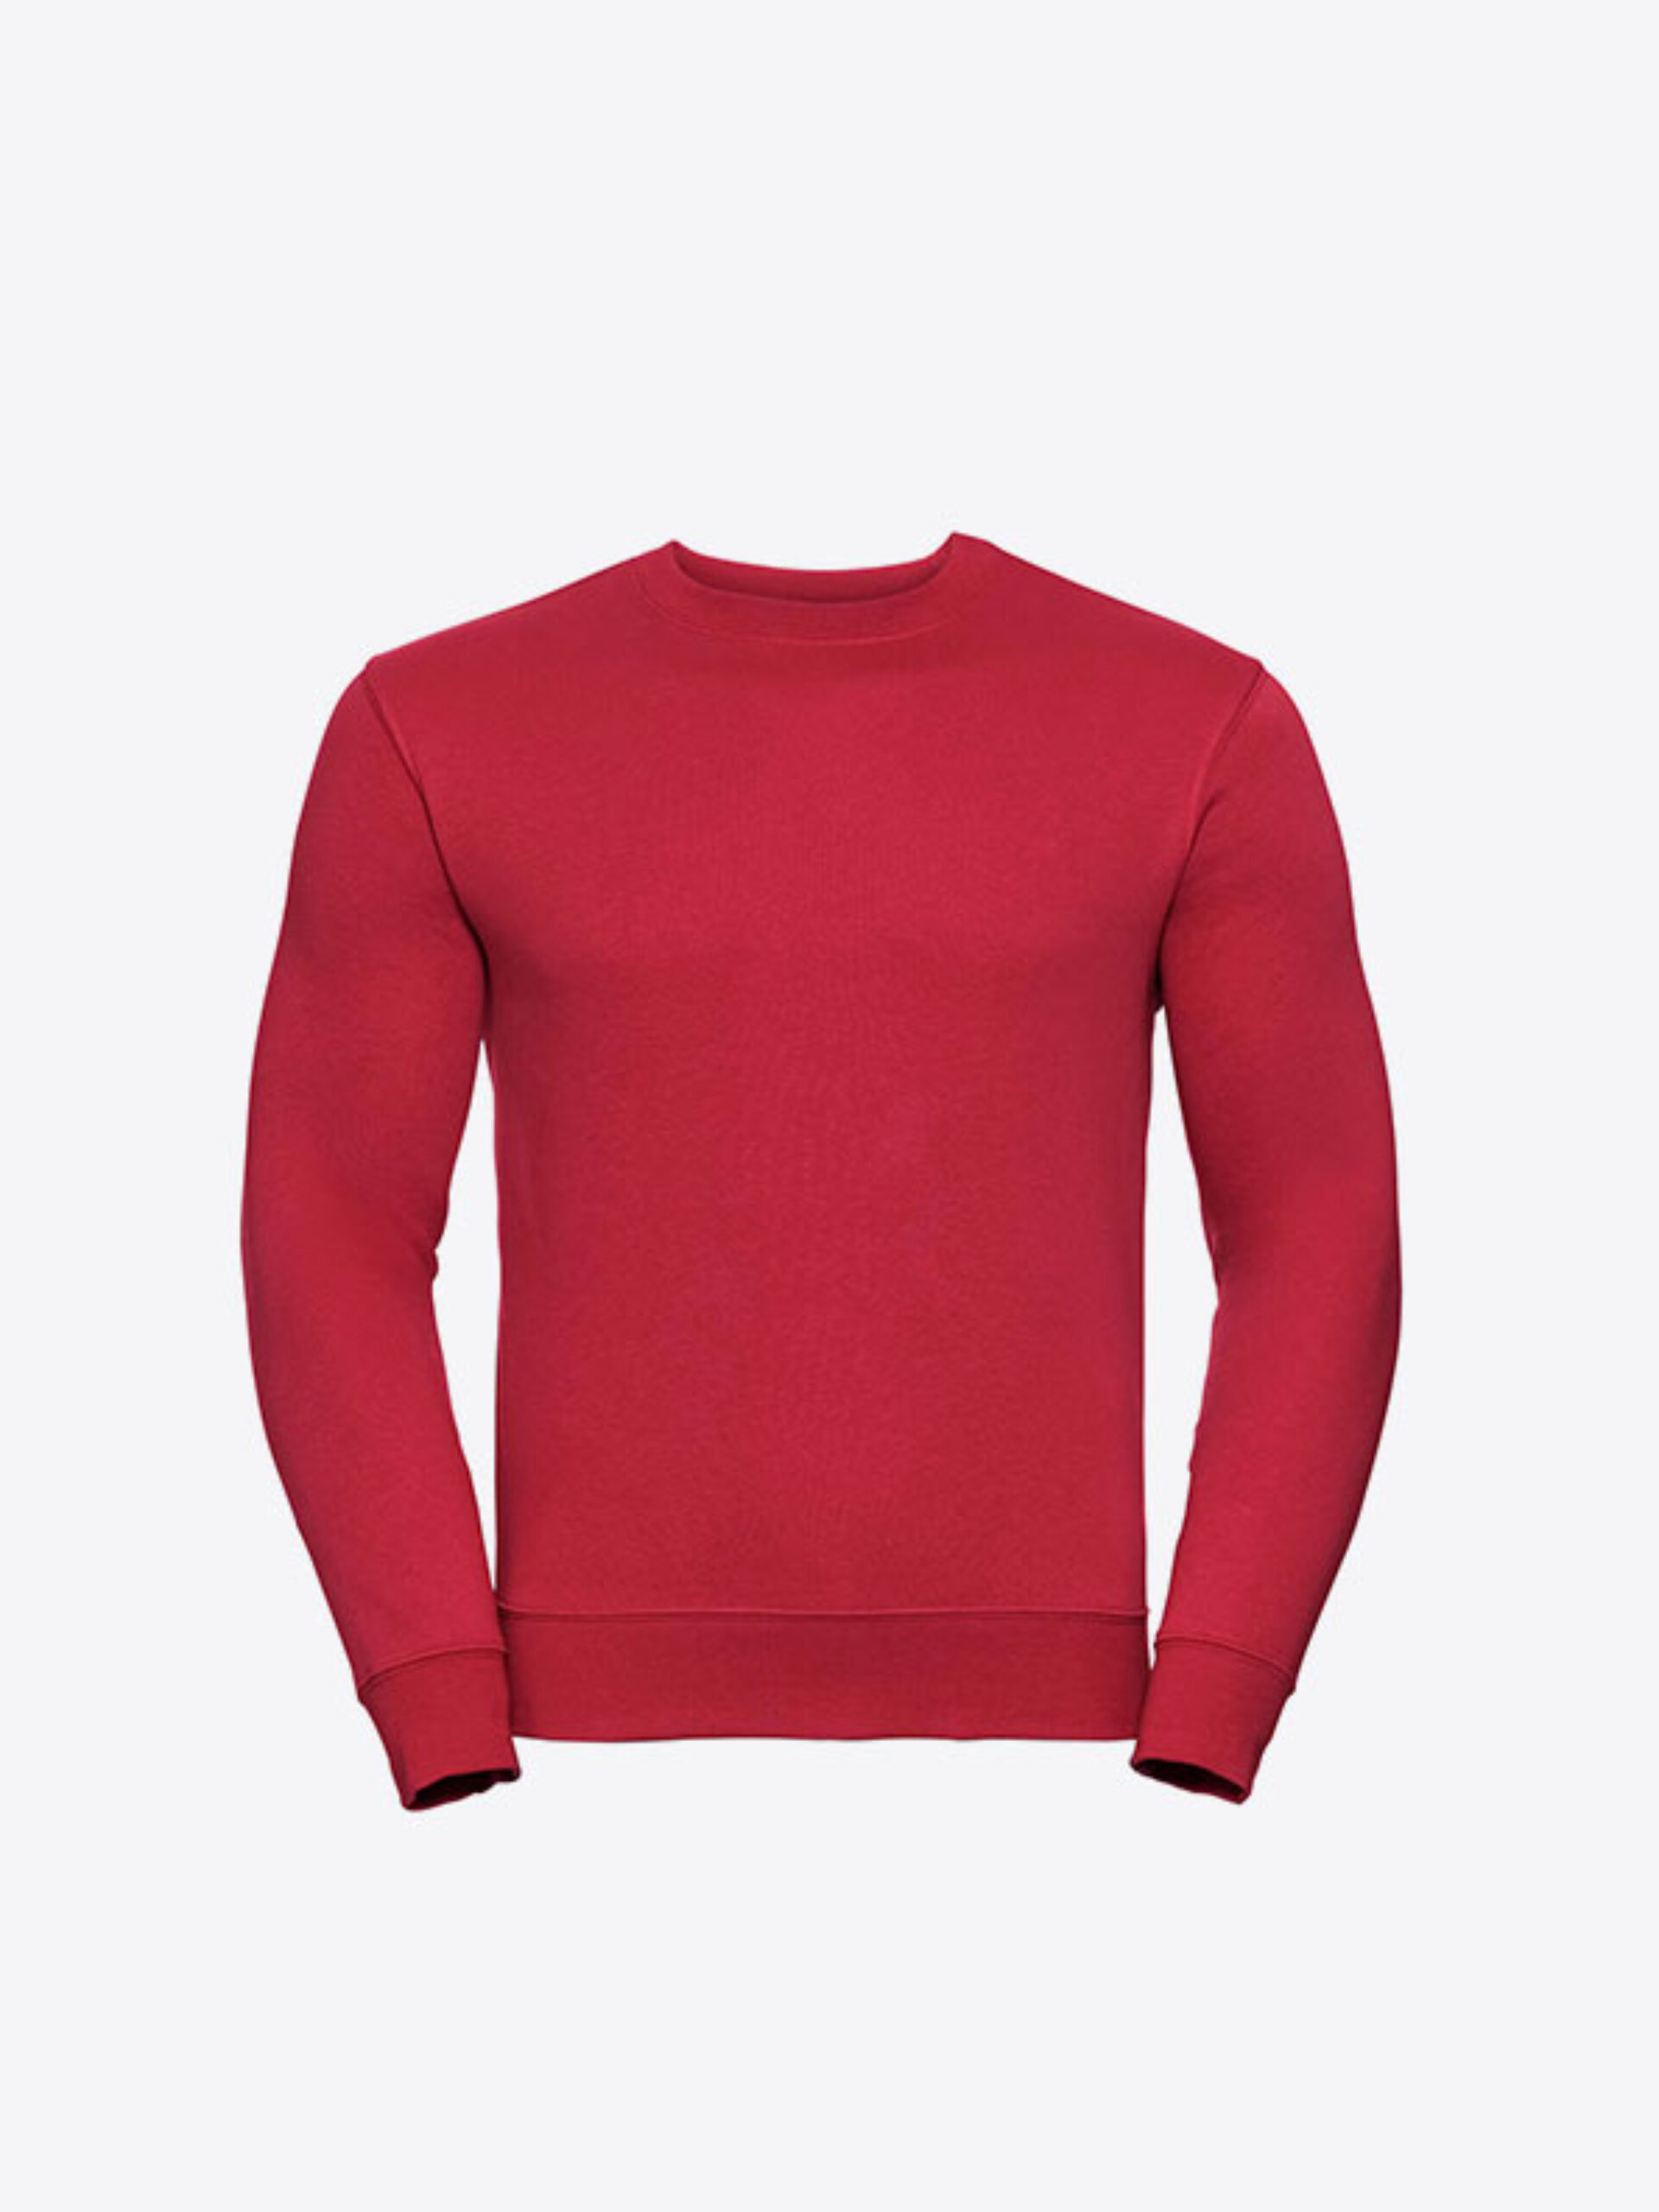 Rundhals Sweater Unisex Budget Russell 262M Mit Logo Siebdruck Classic Red